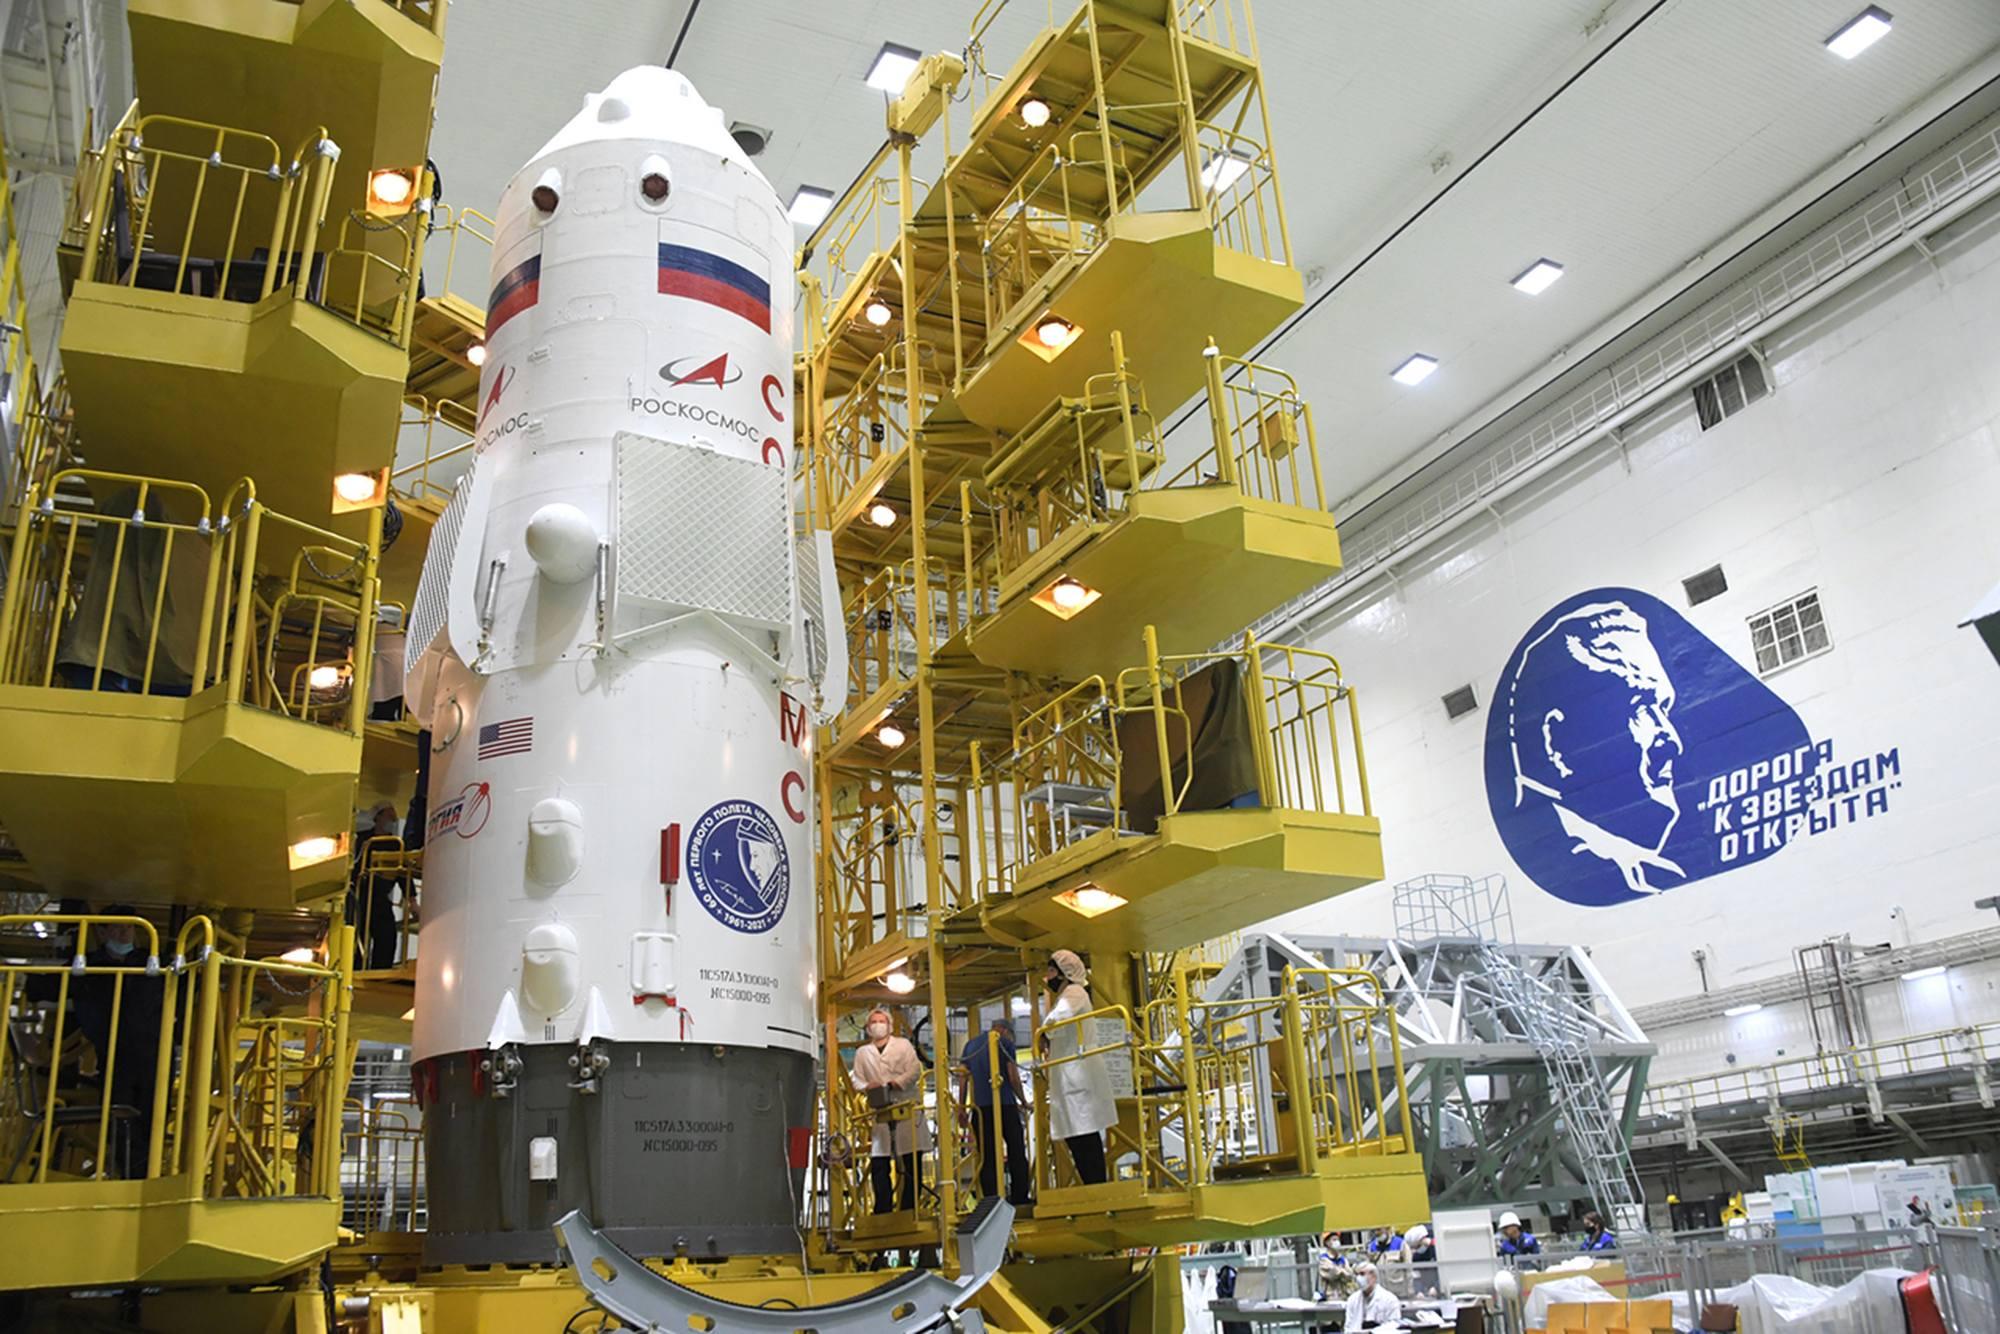 Le stand de péparation laisse apparaître le composite supérieur contenant Soyouz MS-18.